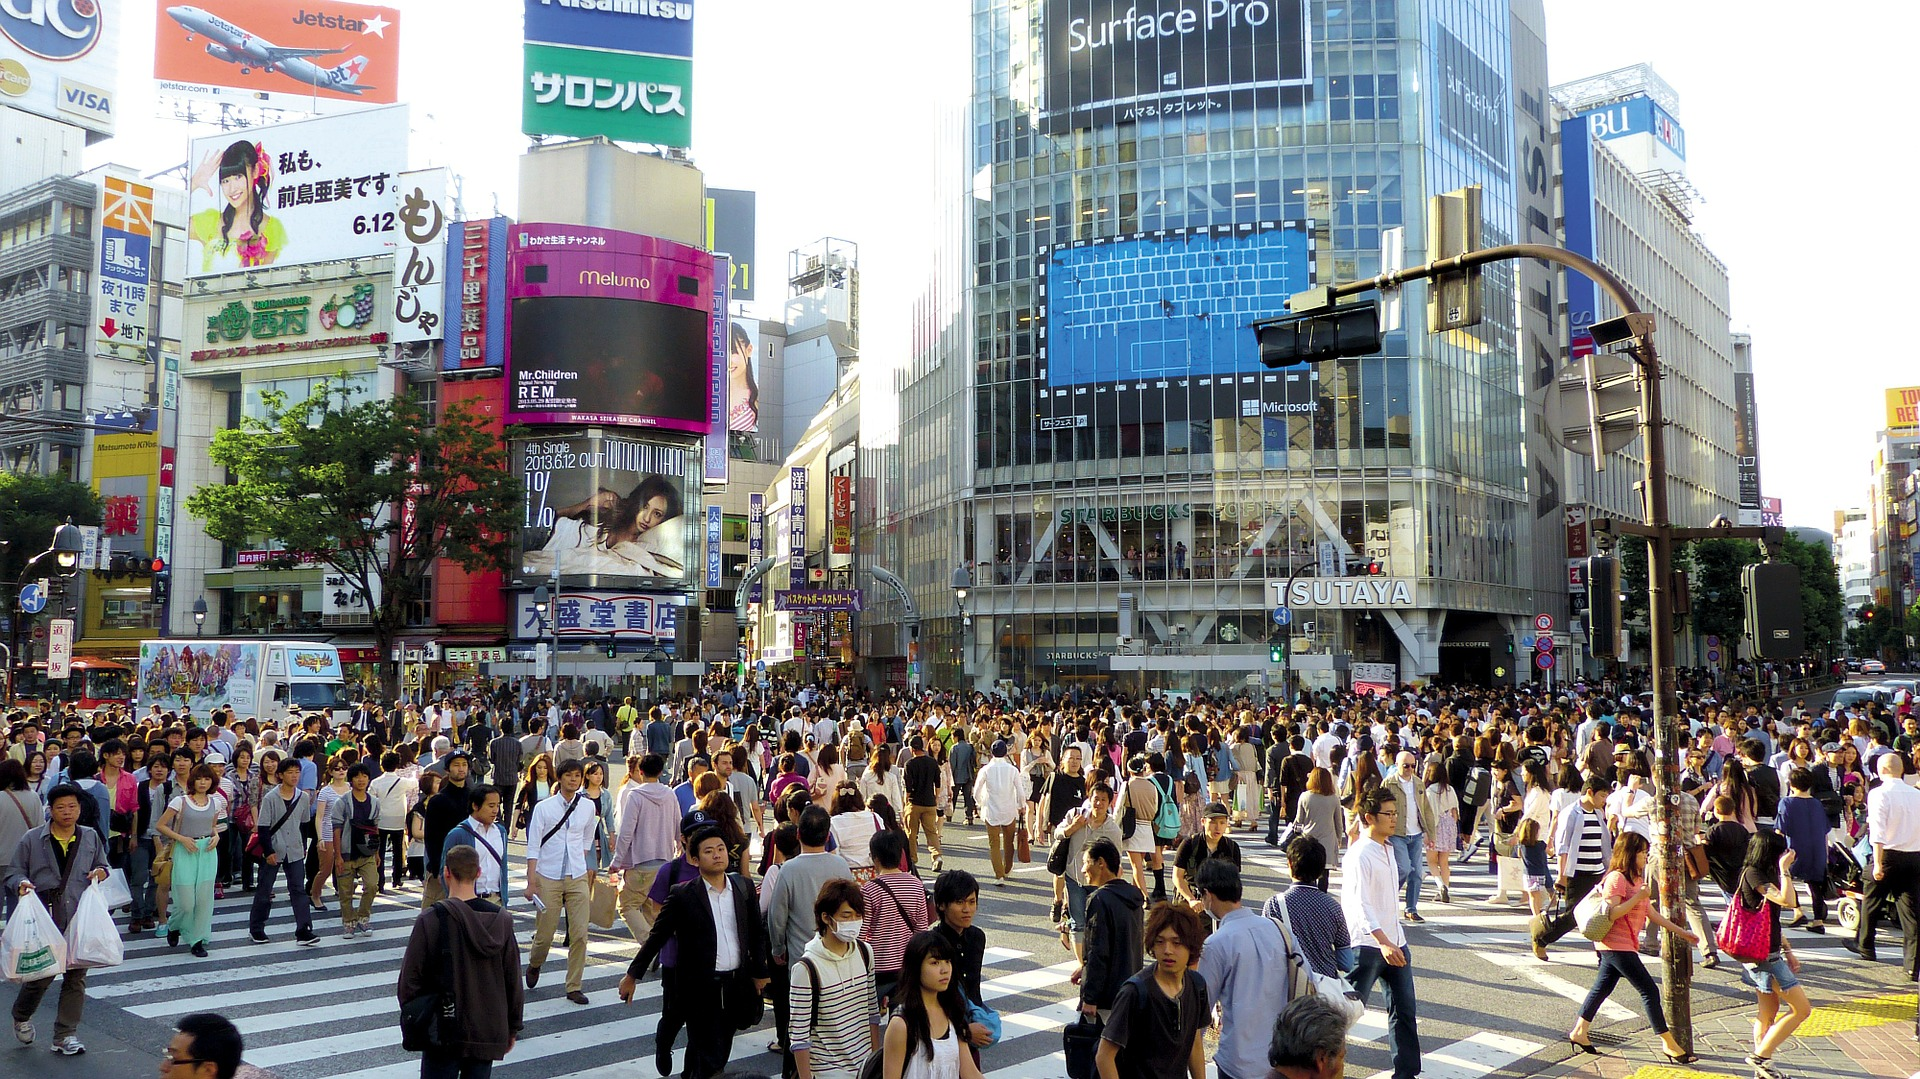 Shibuya en Tokyo, Japón